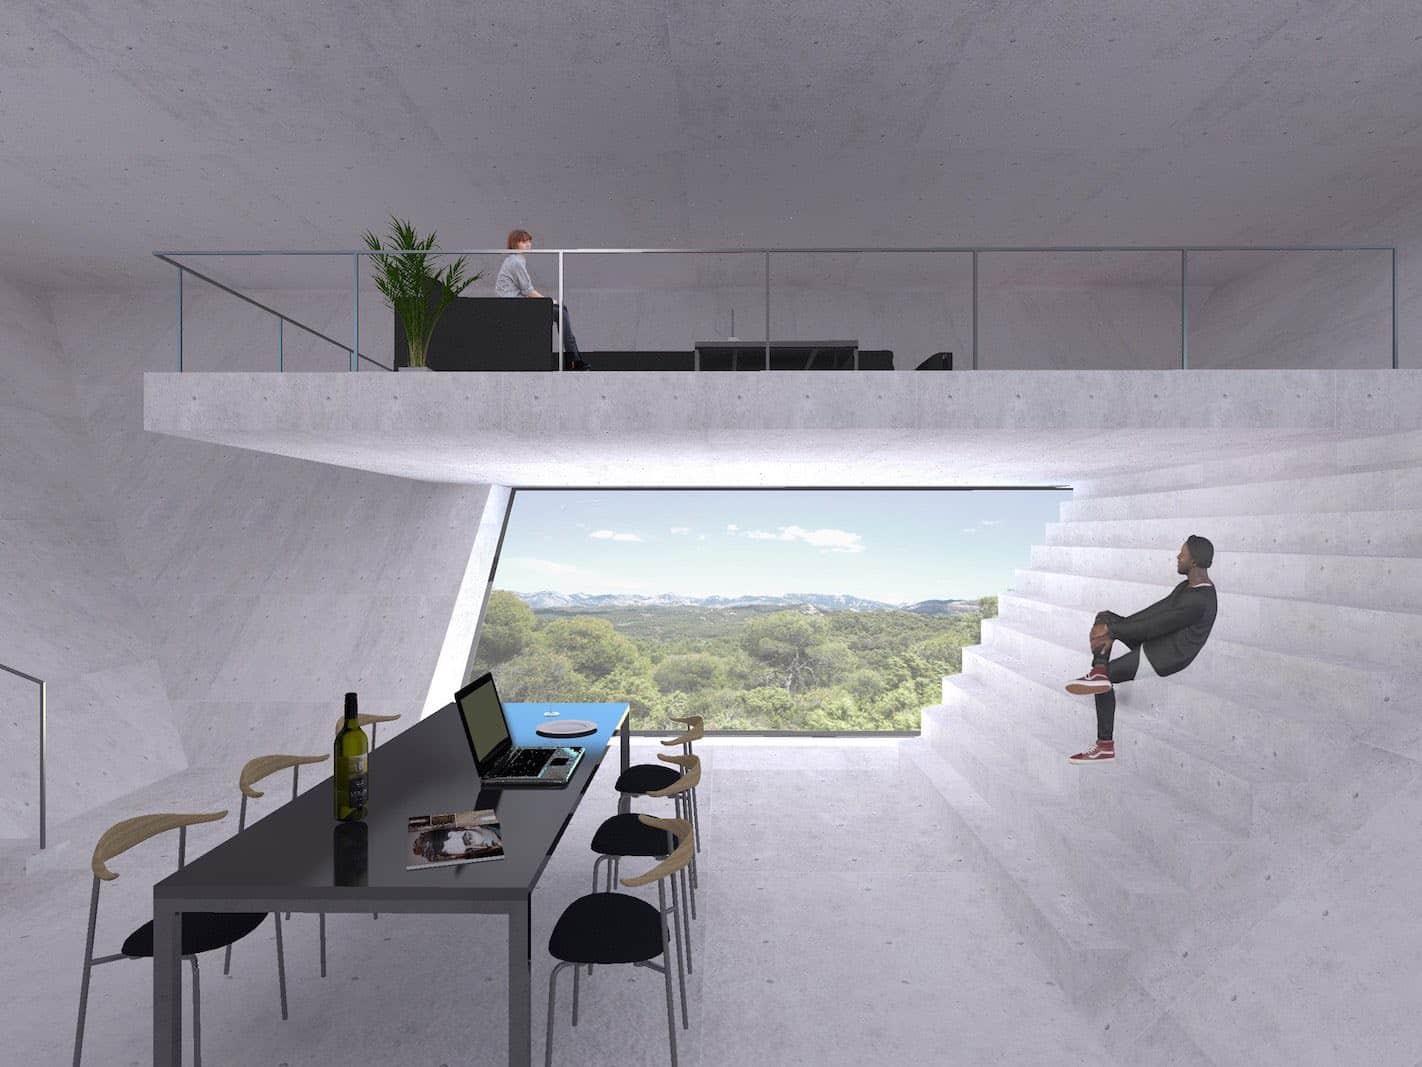 Esta muy inusual y futurista casa está siendo construída en España por makoto takei + chie nabeshima